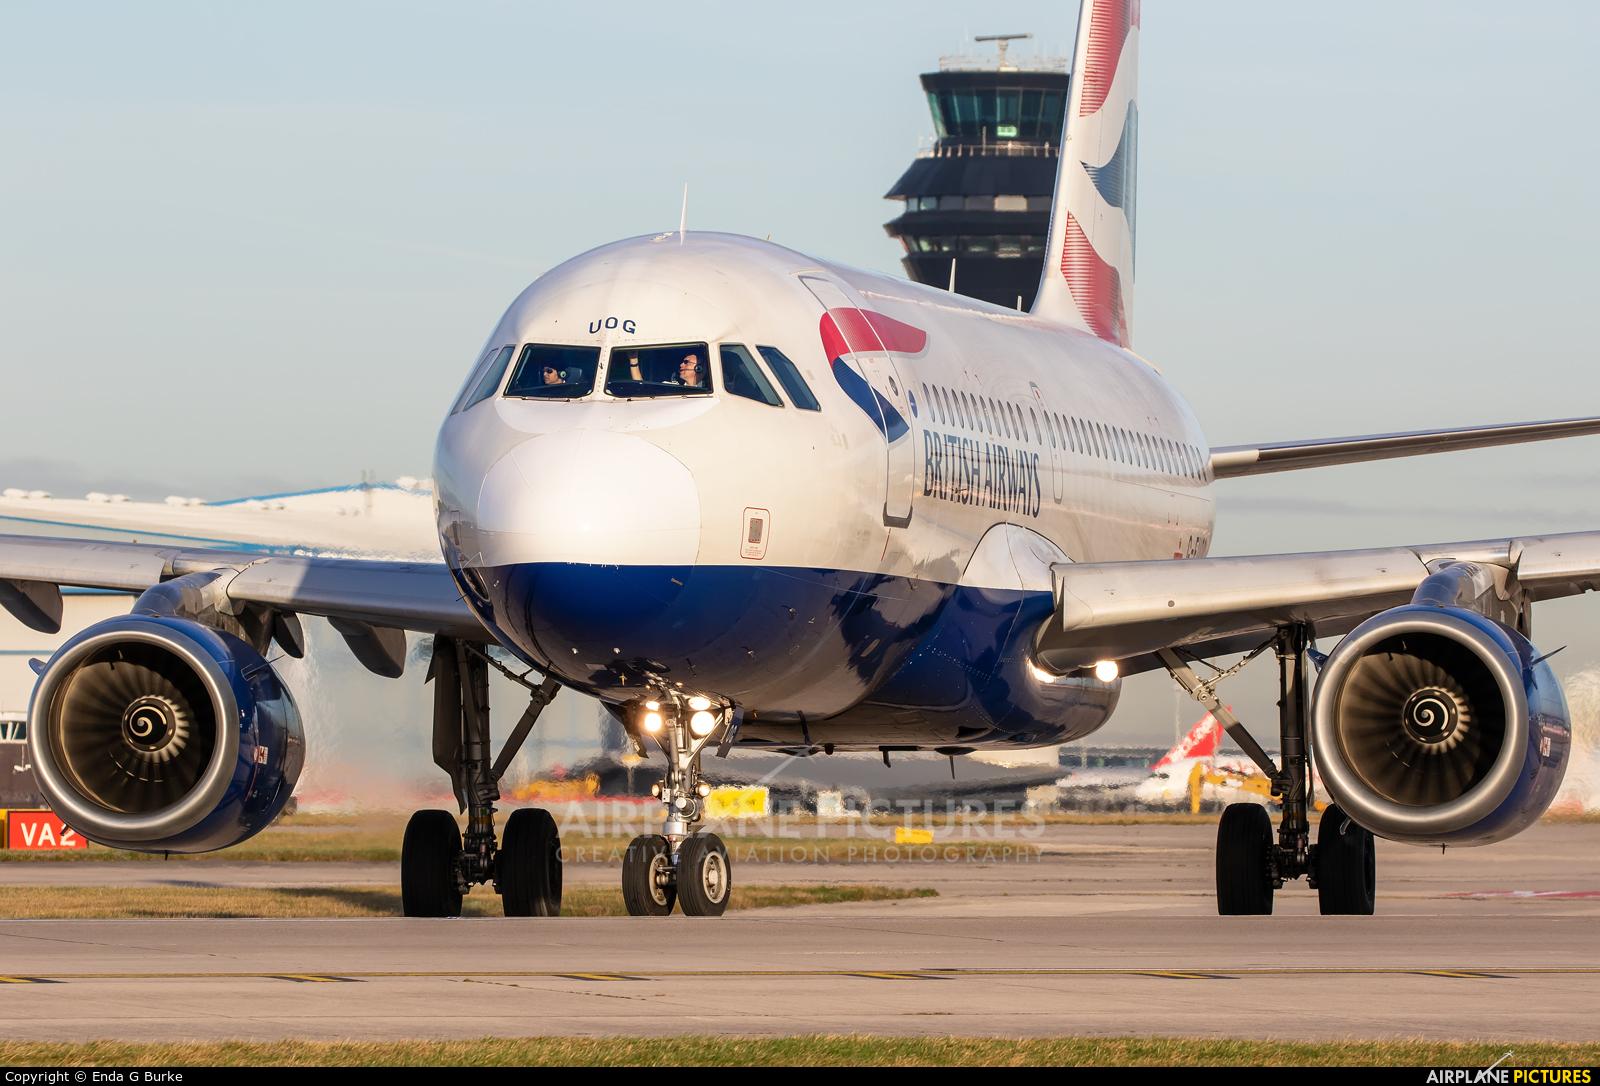 British Airways G-EUOG aircraft at Manchester